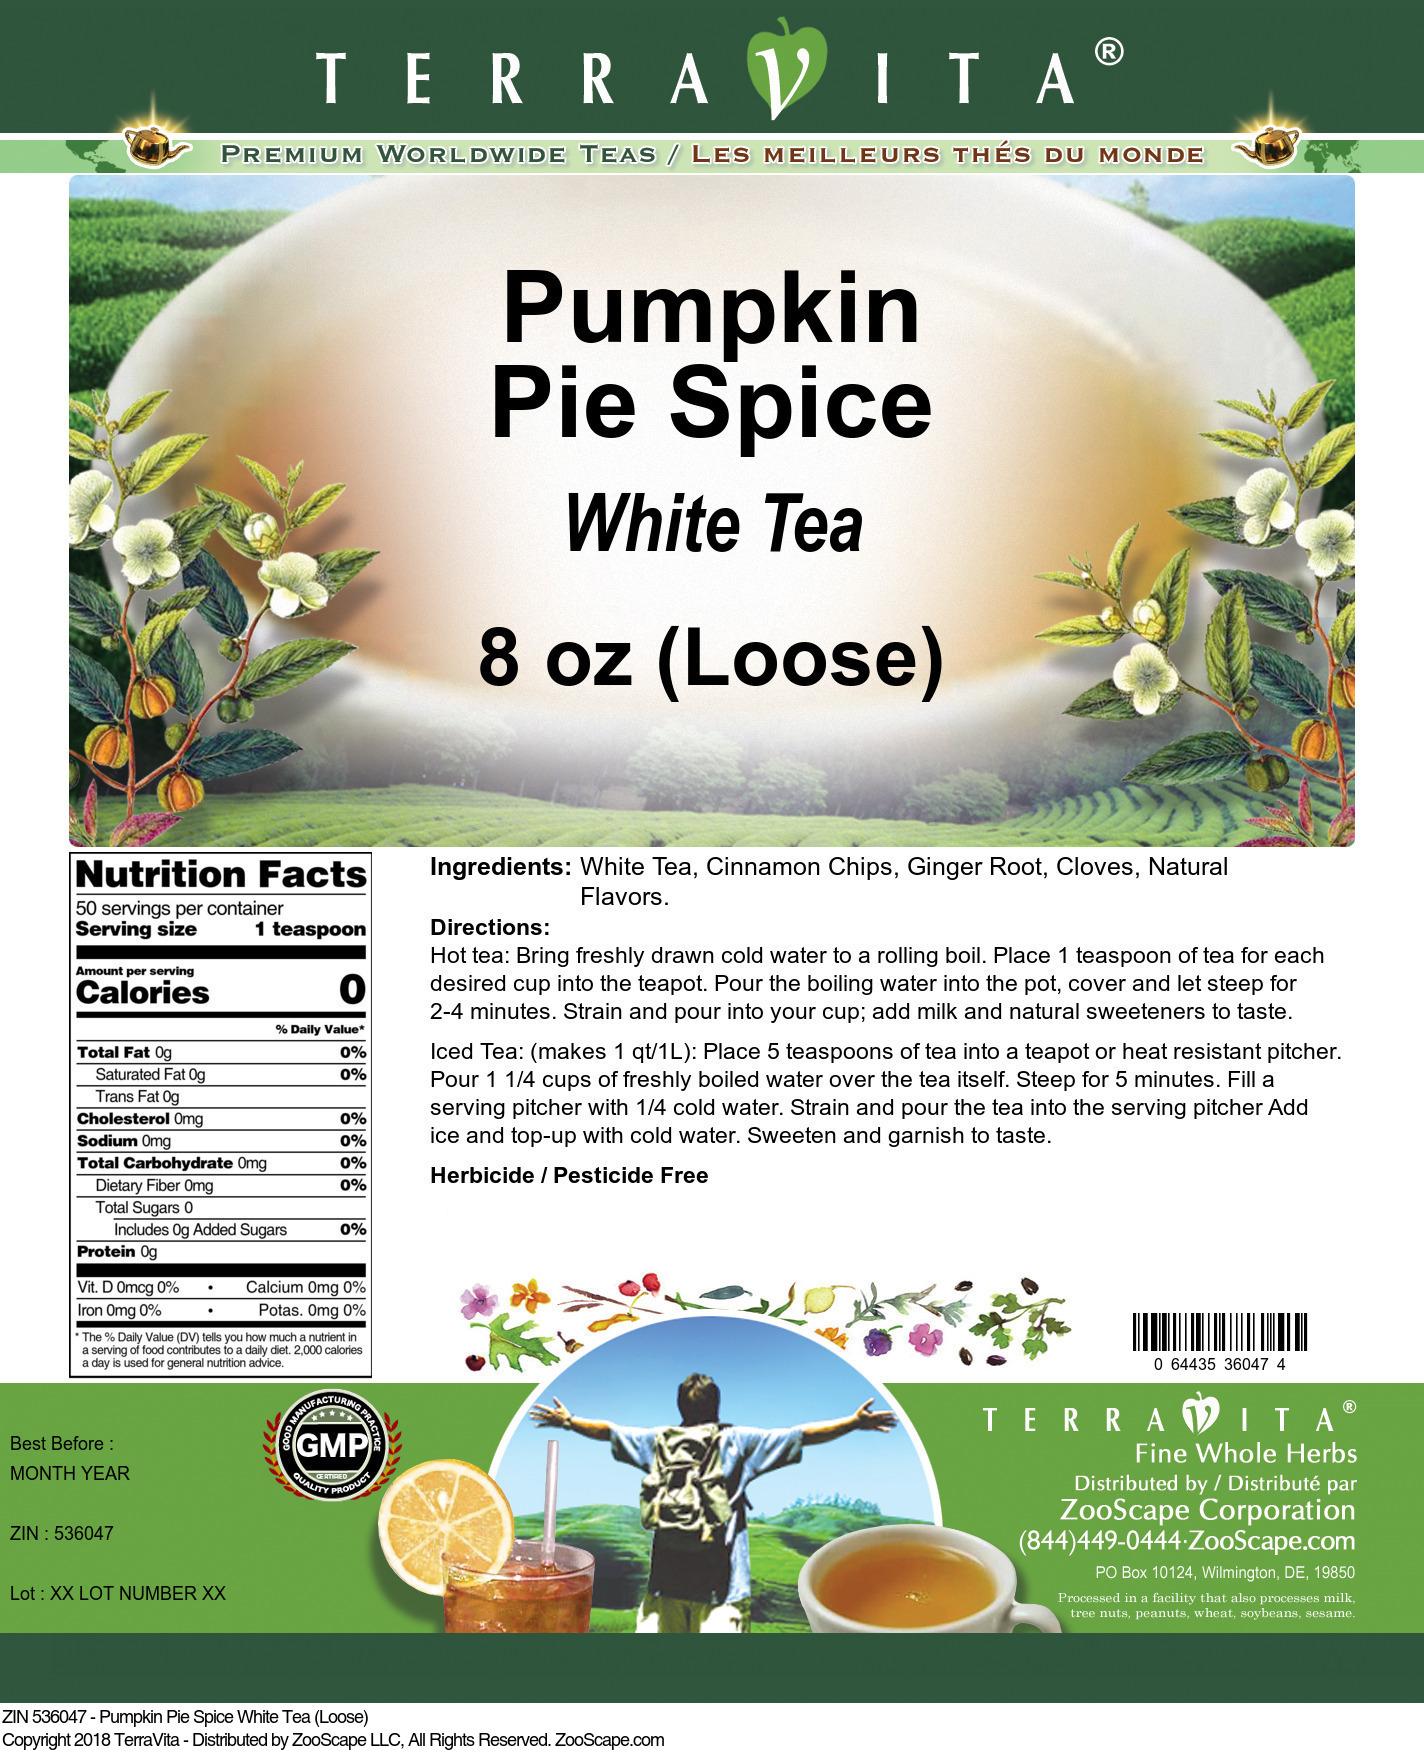 Pumpkin Pie Spice White Tea